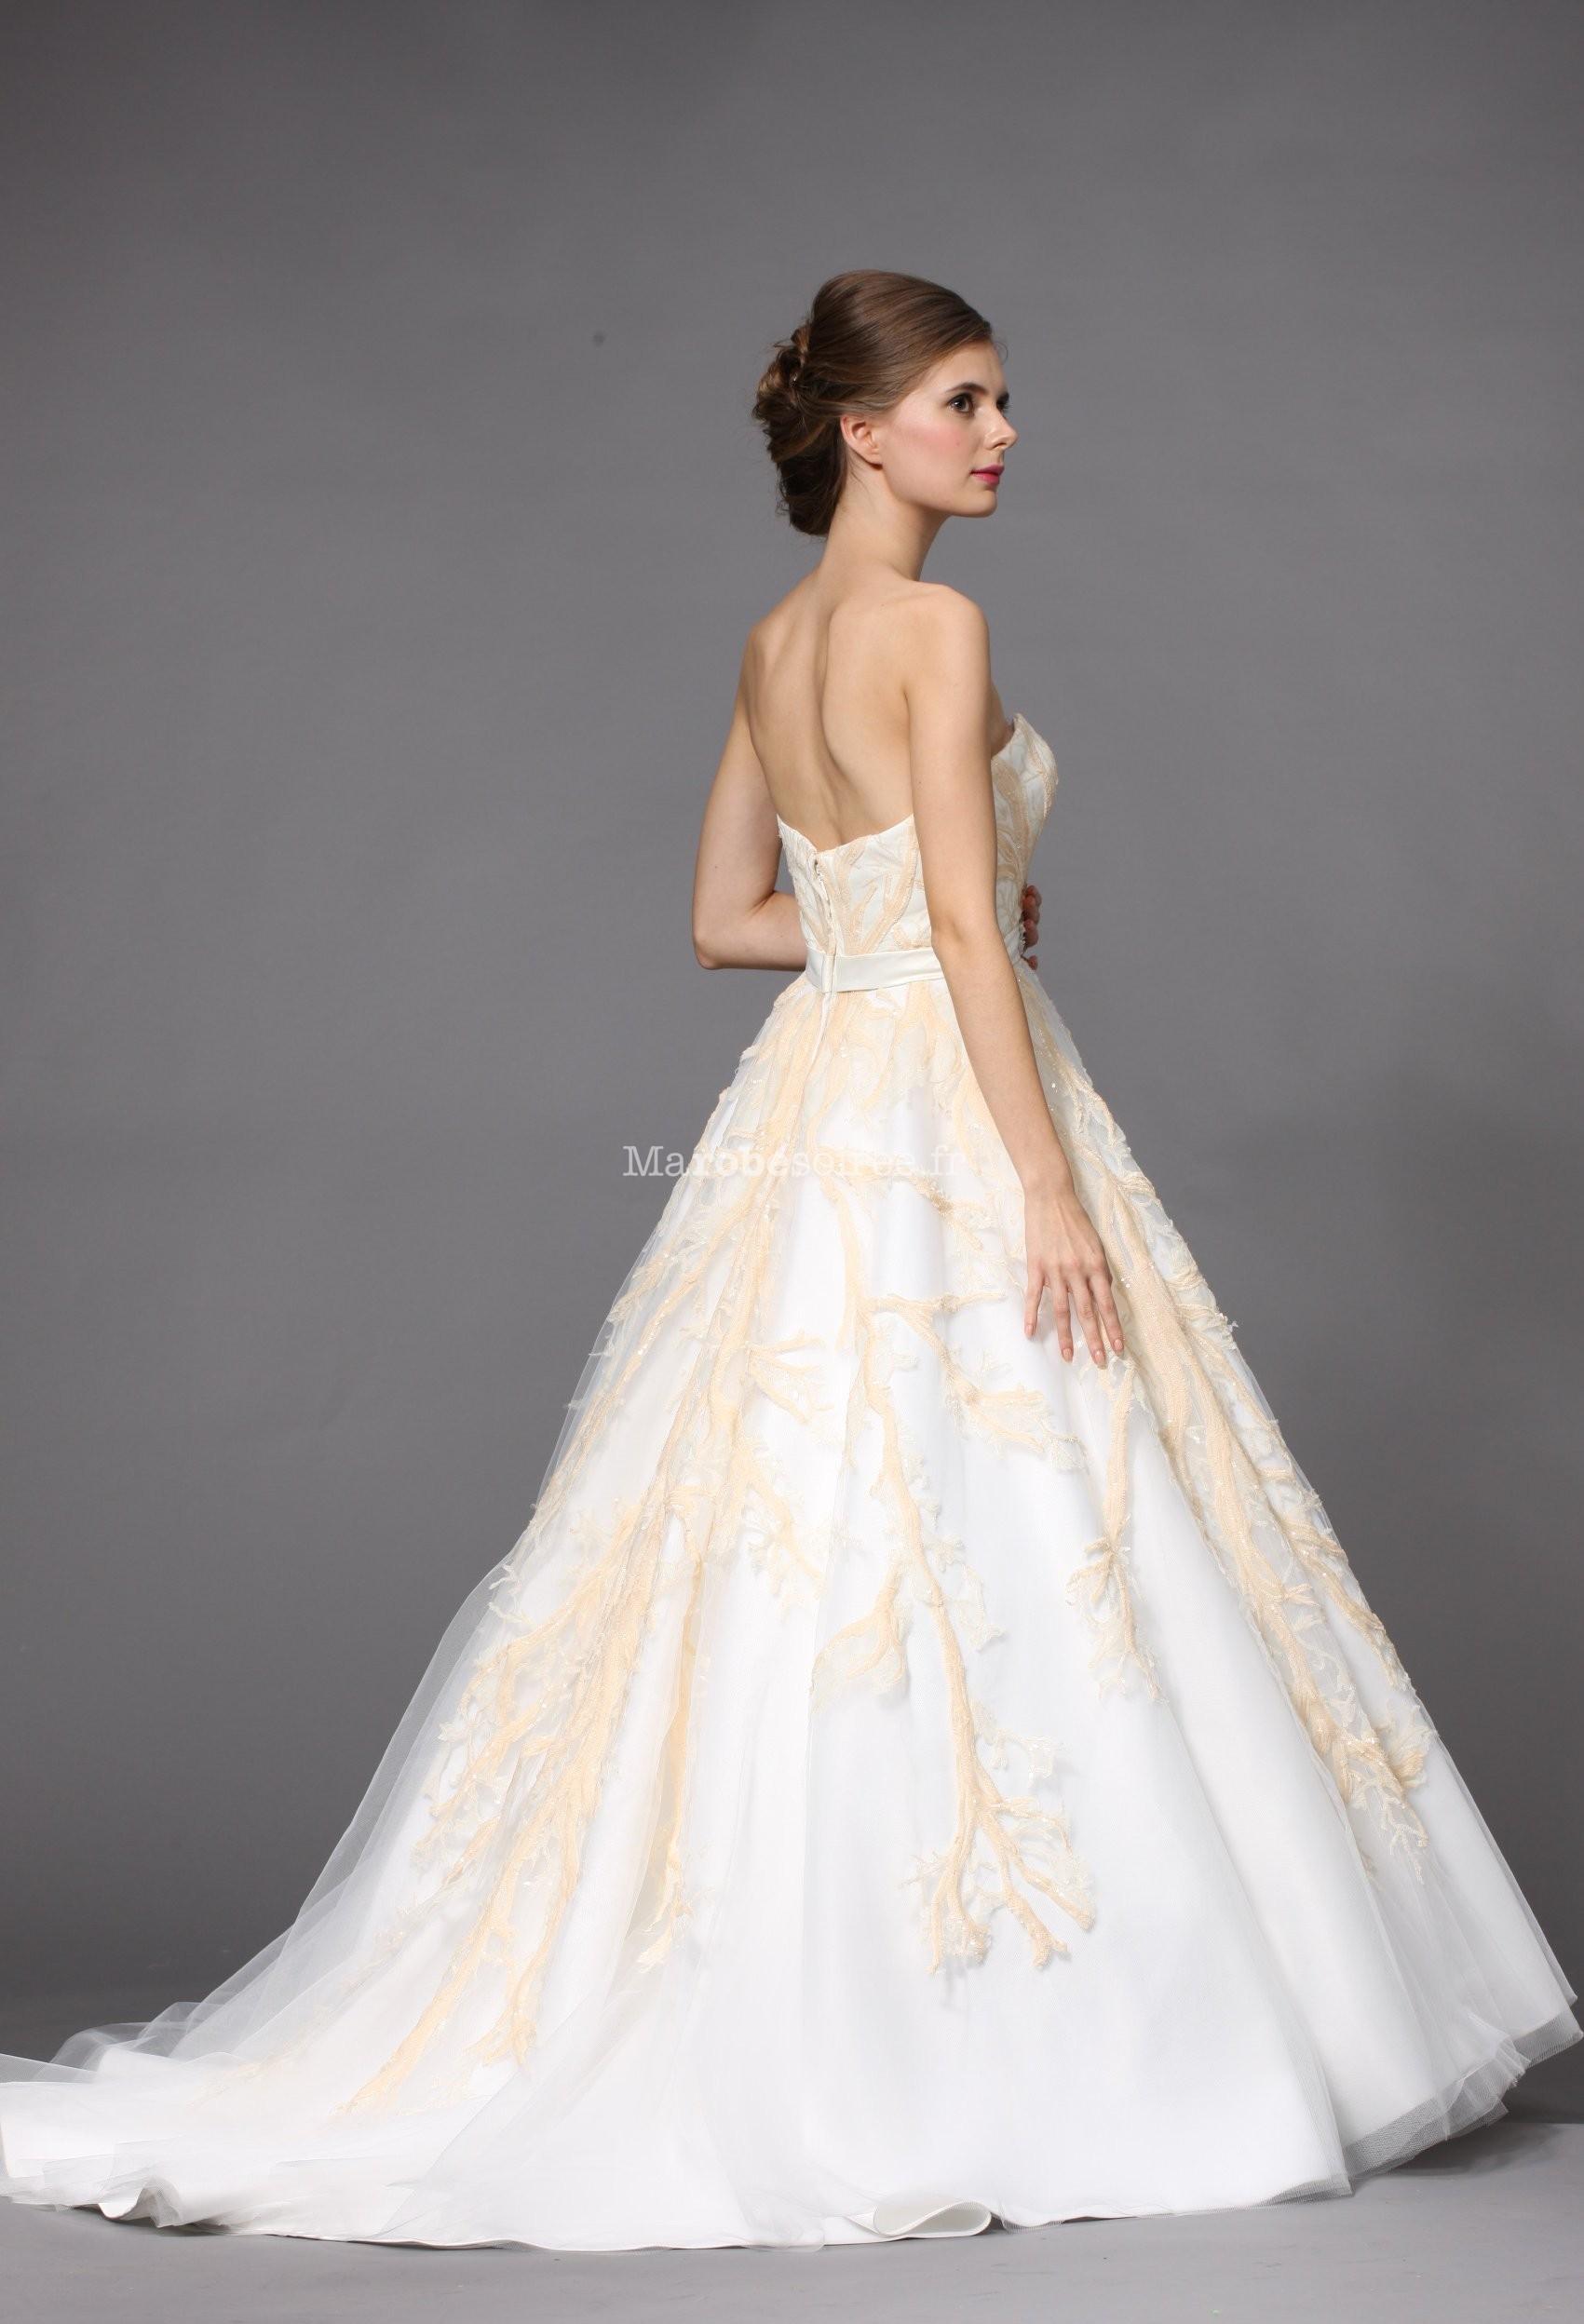 robe de mariée princesse rose et blanche